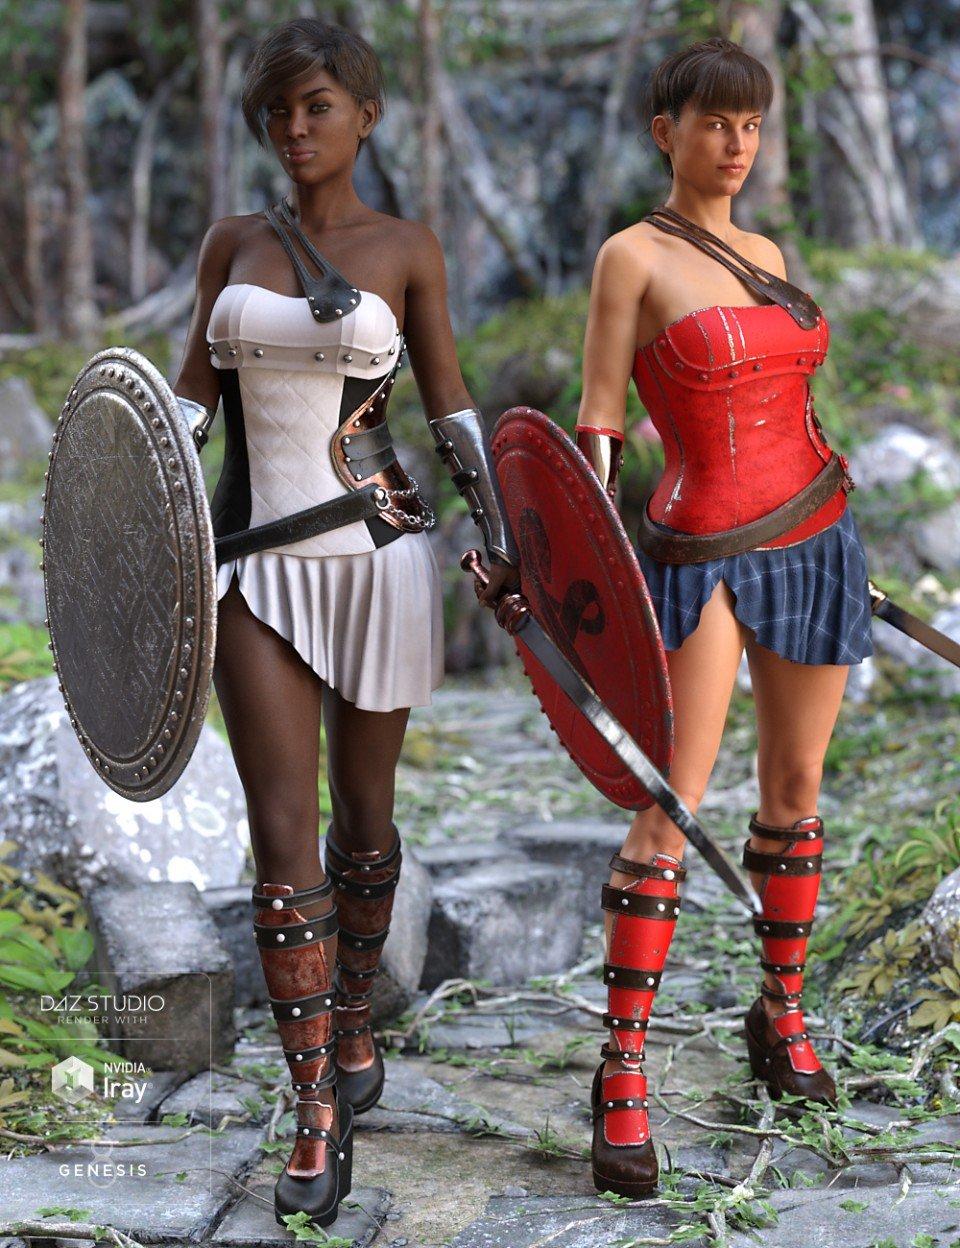 Goddess Minerva Outfit Textures_DAZ3D下载站